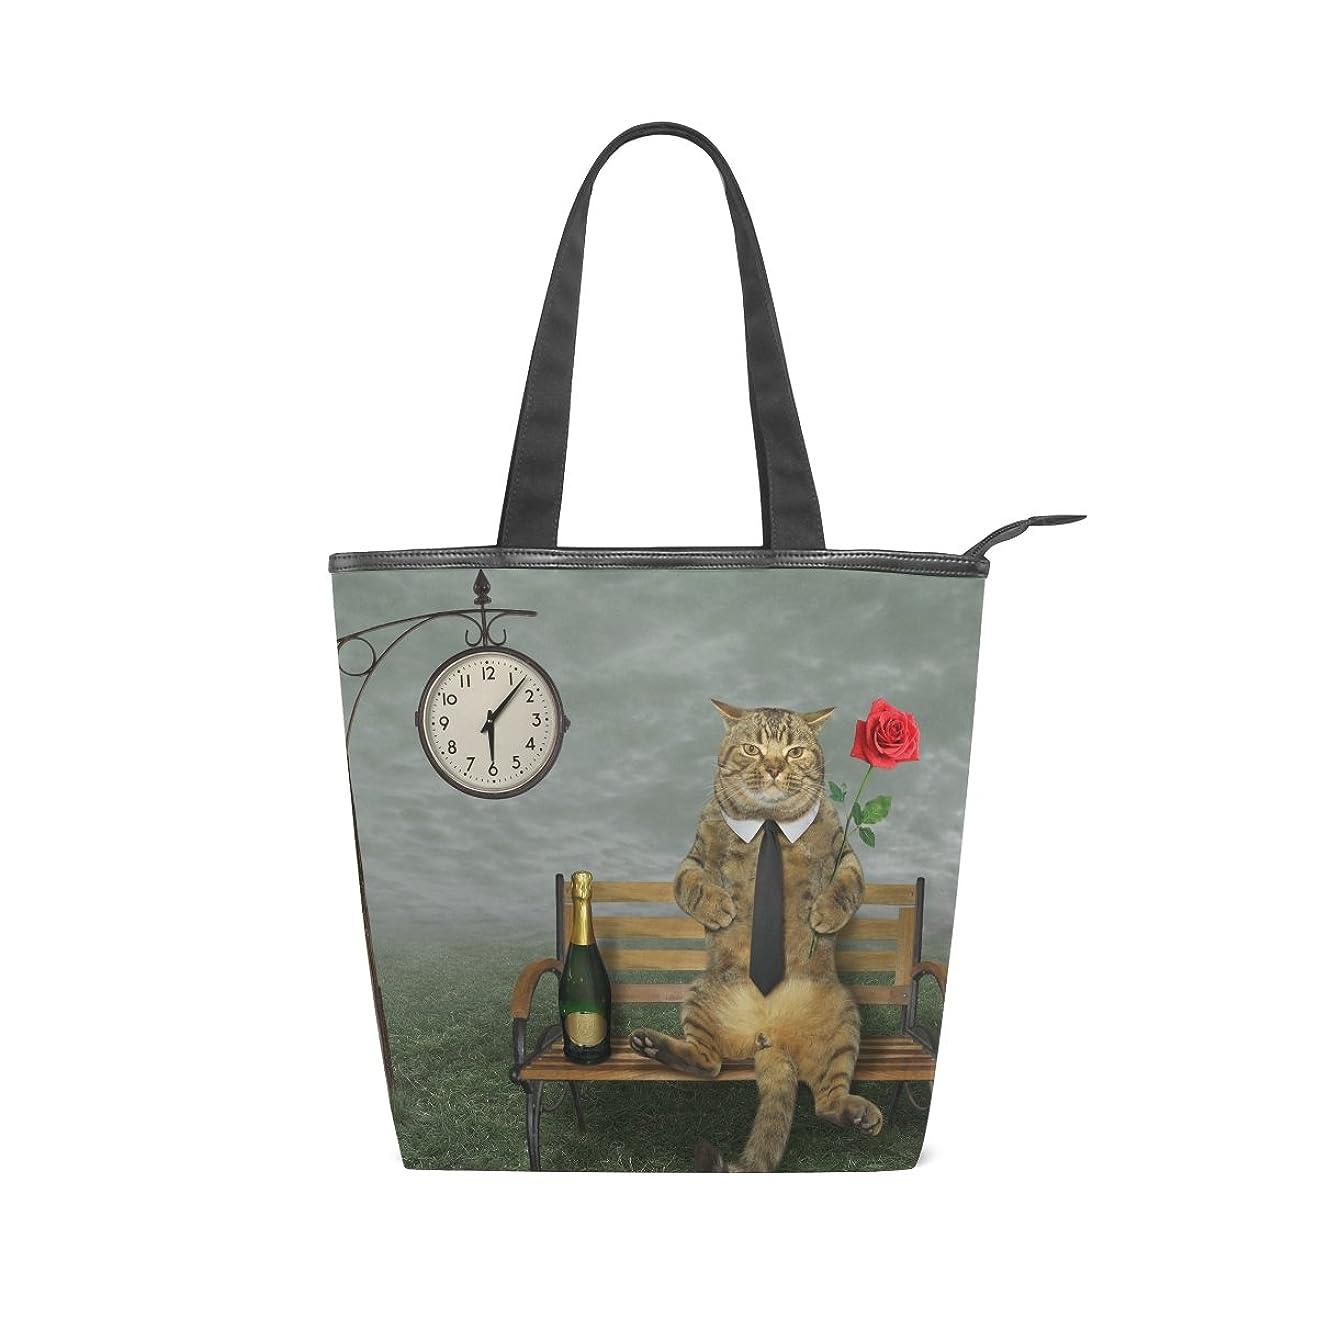 デザイナーゲスト交換キャンバス バッグ トートバッグ 多機能 多用途2way猫柄 ネコ キャット ショルダー バッグ ハンドバッグ レディース 人気 可愛い 帆布 カジュアル 多機能 両用トートバッグ ァスナー付き ポケット付 Natax